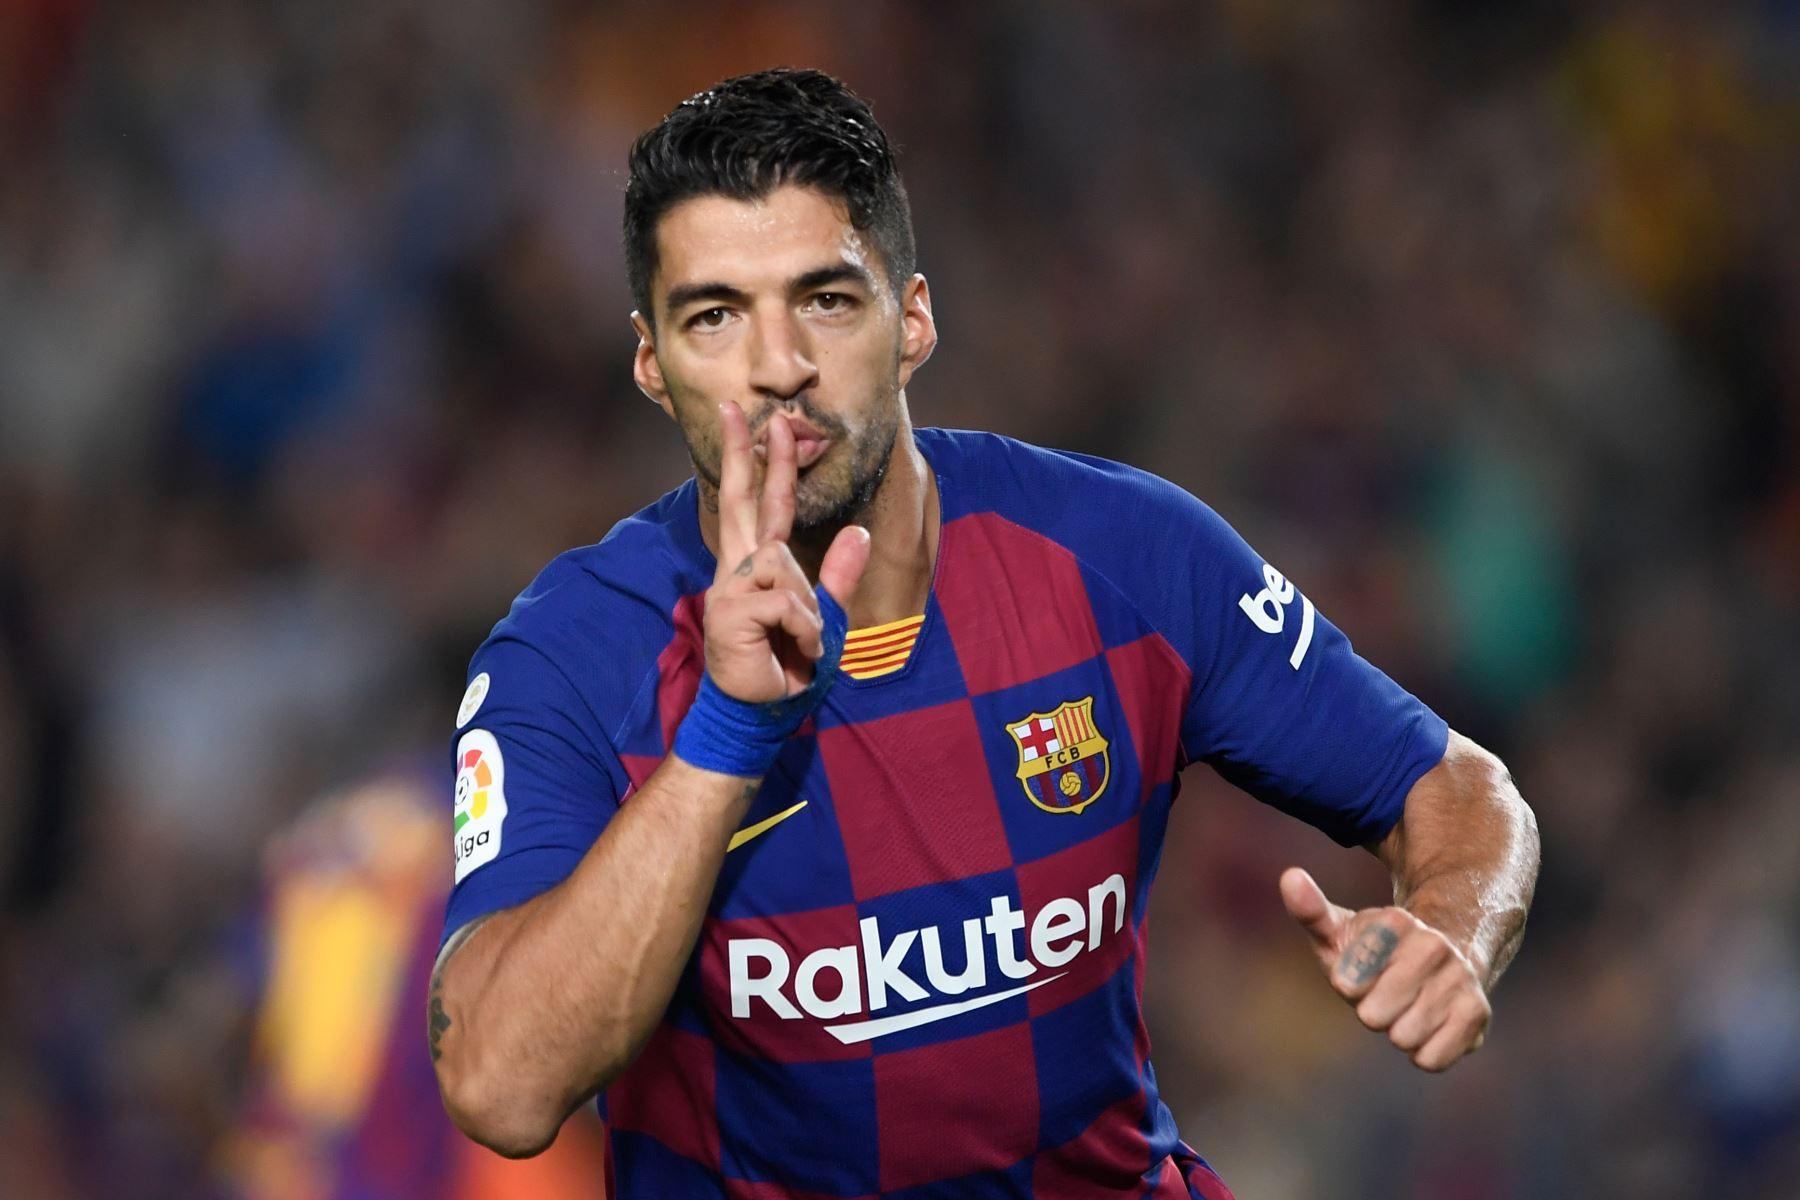 El delantero uruguayo de Barcelona, Luis Suárez, celebra el gol de apertura que anota al Sevilla por la Liga Santander. Foto: AFP